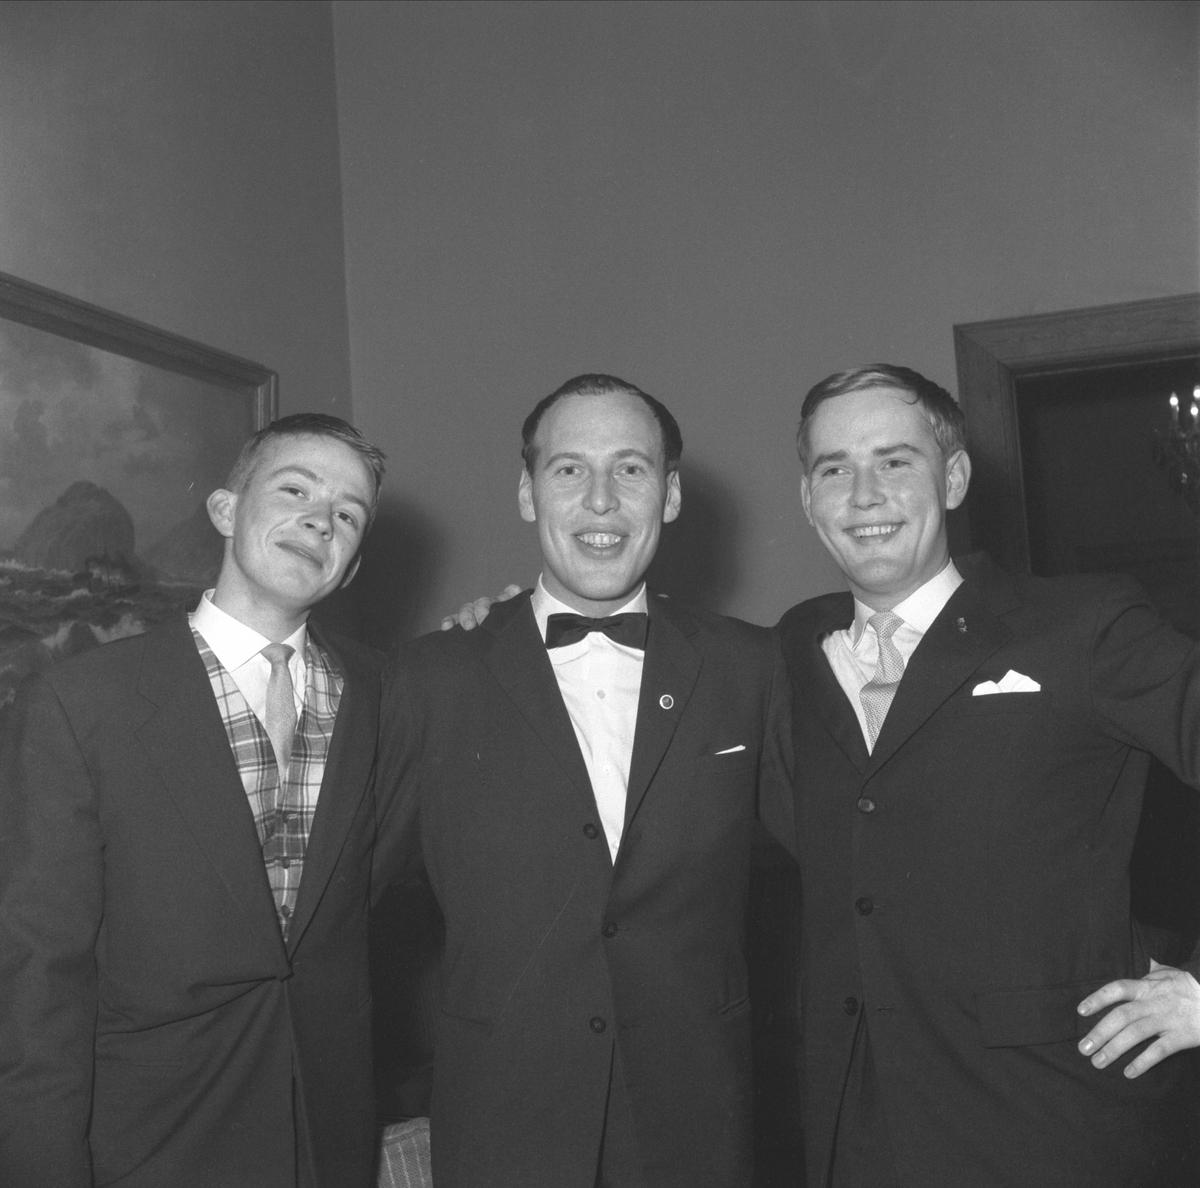 """""""FRAMBALL"""" I FESTIVITETEN HAMAR, 1960. GYMNASSAMFUNNET """"FRAM"""" ARRANGERTE JULEBALL FOR CA. 150. F. V. OLE SANDBEG, KÅRE WENDELBOE LINDE OG ØYVIND BOLSTAD. KÅRE WENDELBOE LINDE BLE HEDRET FOR SITT ARBEID SOM INSTRUKTØR FOR FRAMTEATERET. SE BOKA PÅ ET HUNDREDELS SEKUND, LØTEN OG OMEGN 1957-1964 I ORD OG BILDERAV HELGE REISTAD S. 202."""